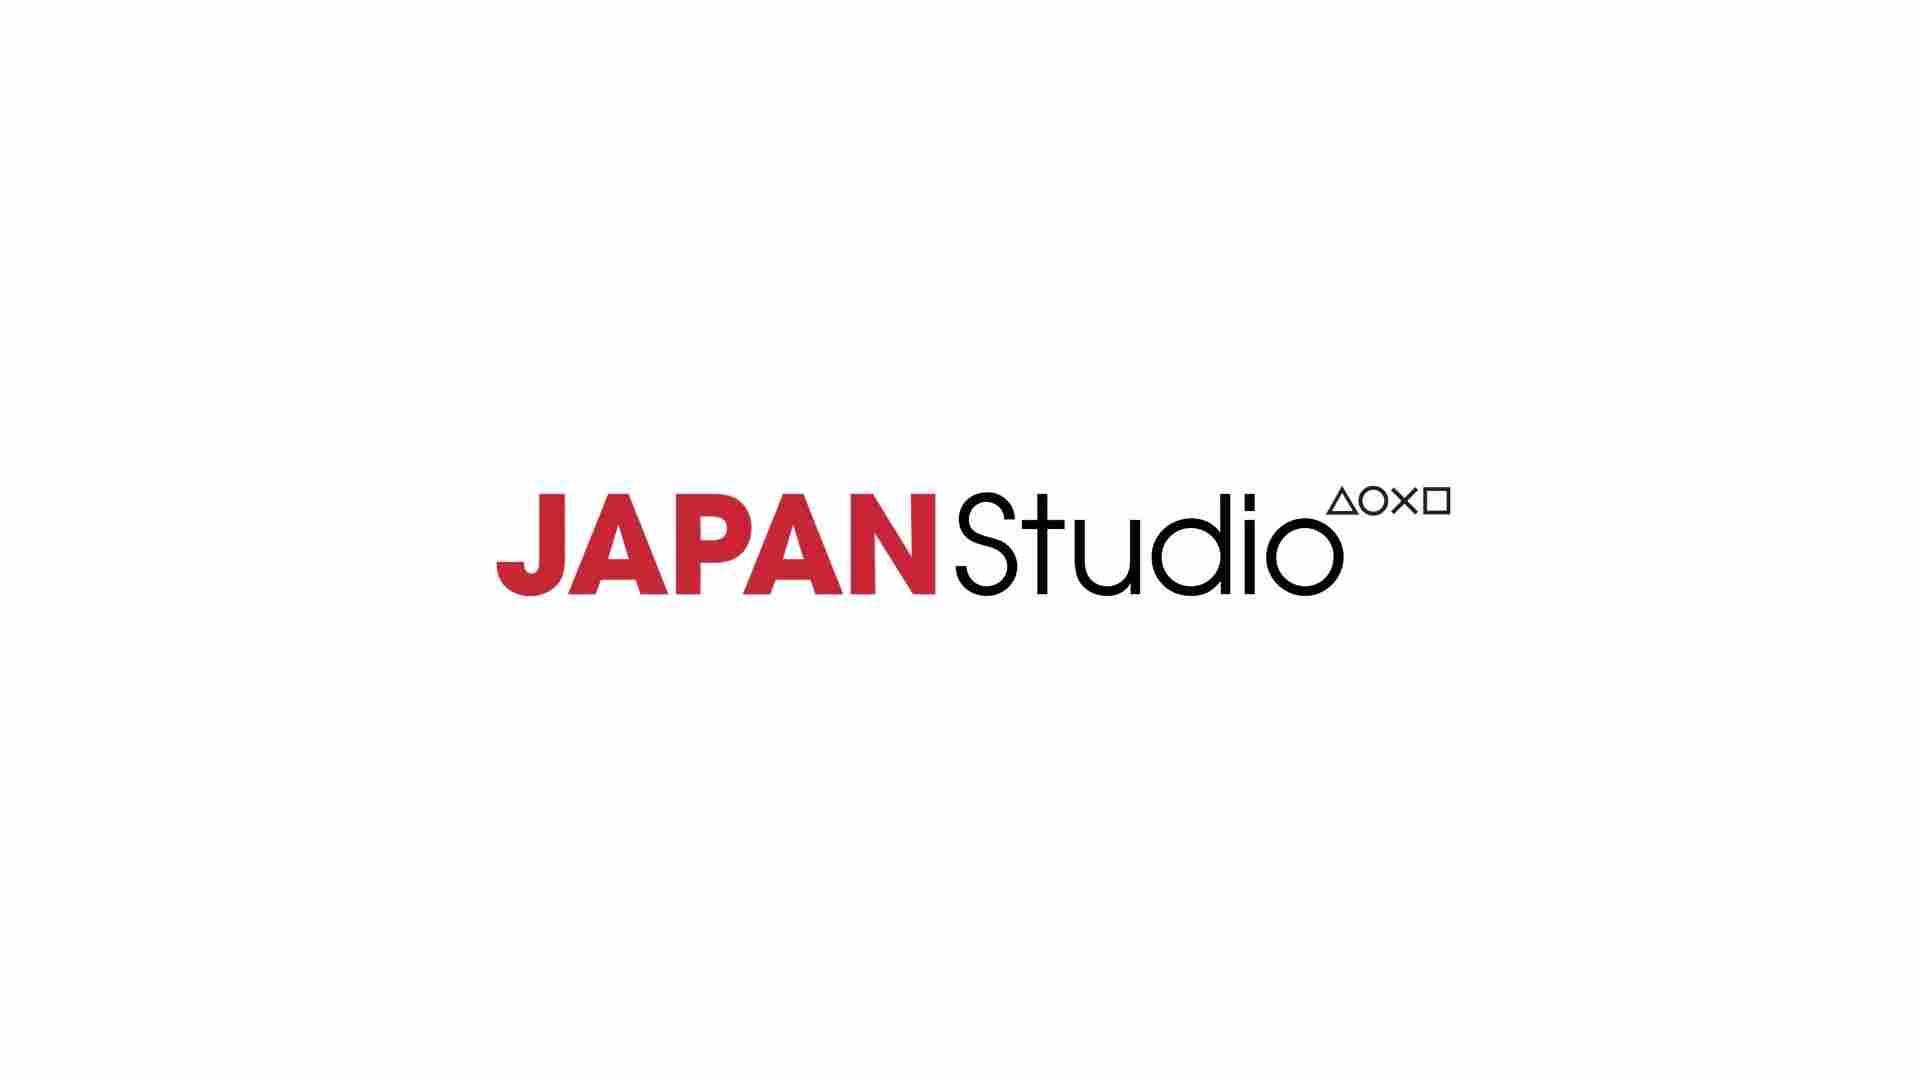 sie-japan-studio-closing.jpg